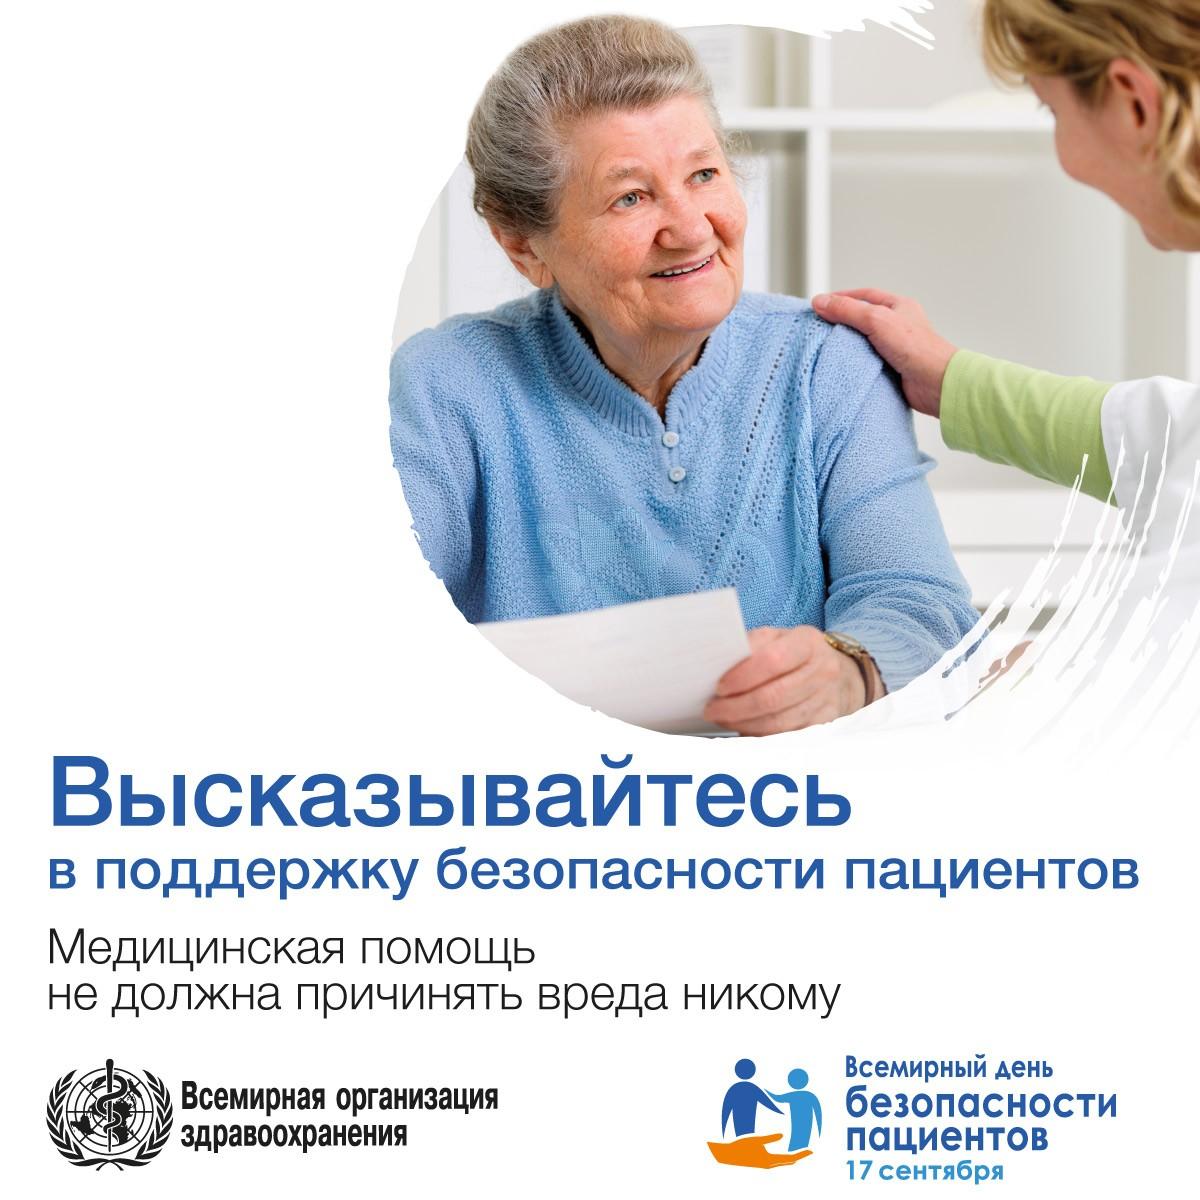 Первый Всемирный день обеспечения безопасности пациентов пройдет в Сеченовском Университете